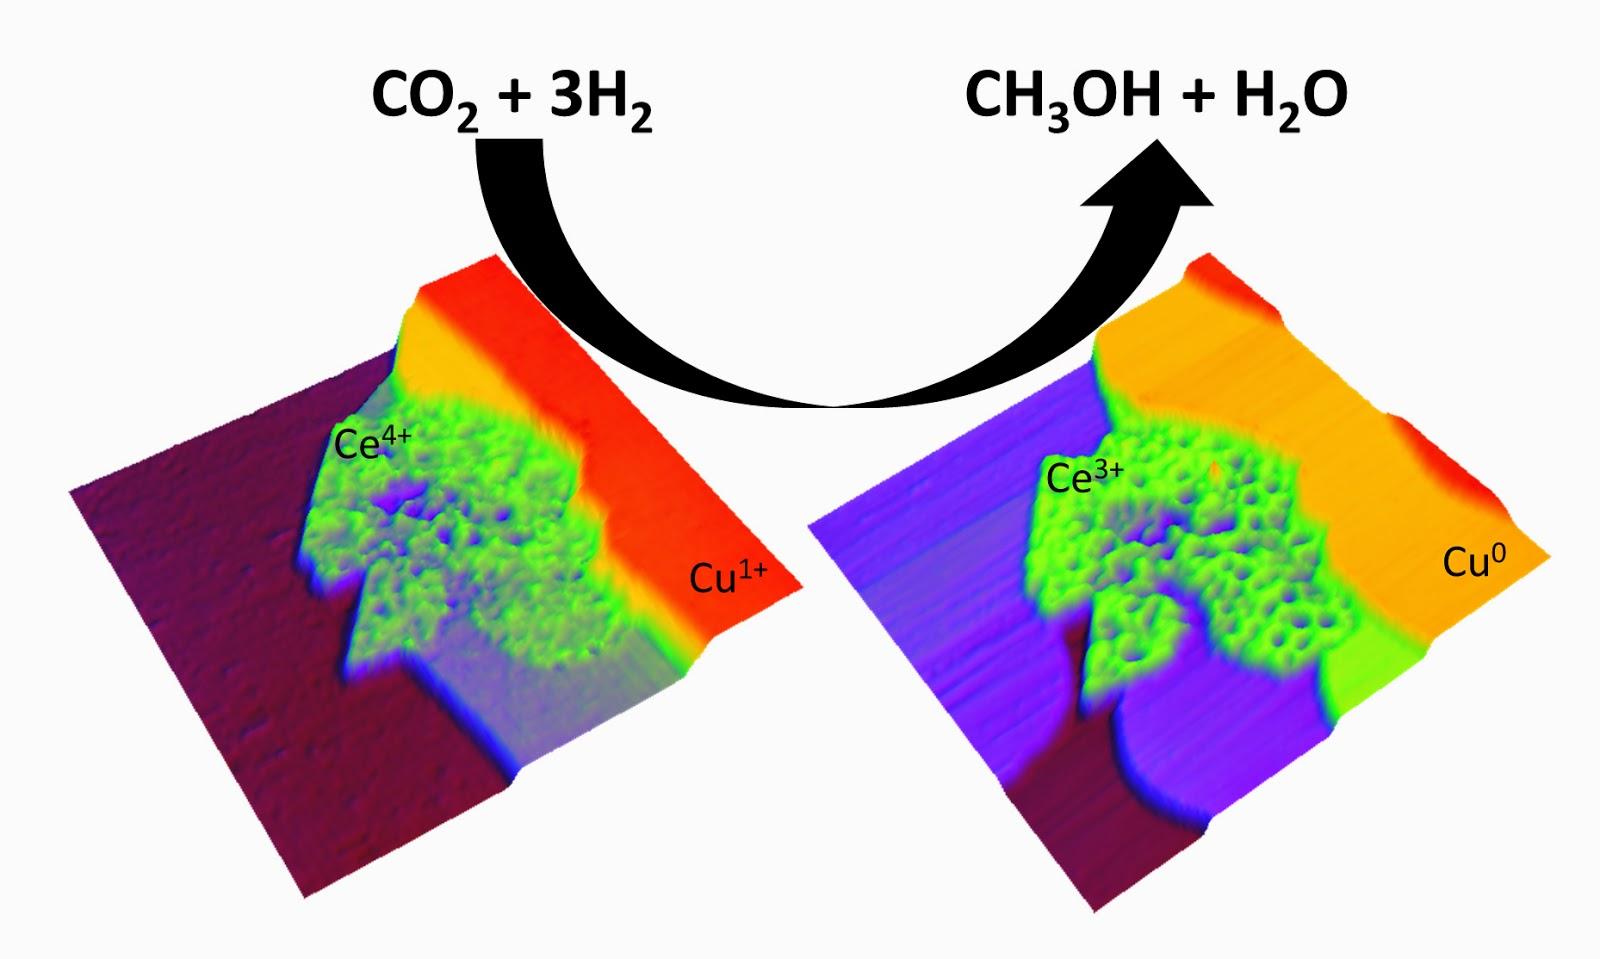 Figura 1: Imagen de un microscopio de barrido de efecto tunel (STM) que muestra el catalizador de cobre-óxido de cerio usado en la reacción del CO2 con el H2 para obtener metanol (CH3OH) y agua. Se observa como cambia la superficie del catalizador cuando se produce la reacción, por la reducción del cerio y el cobre. (Fuente: BNL Newsroom)